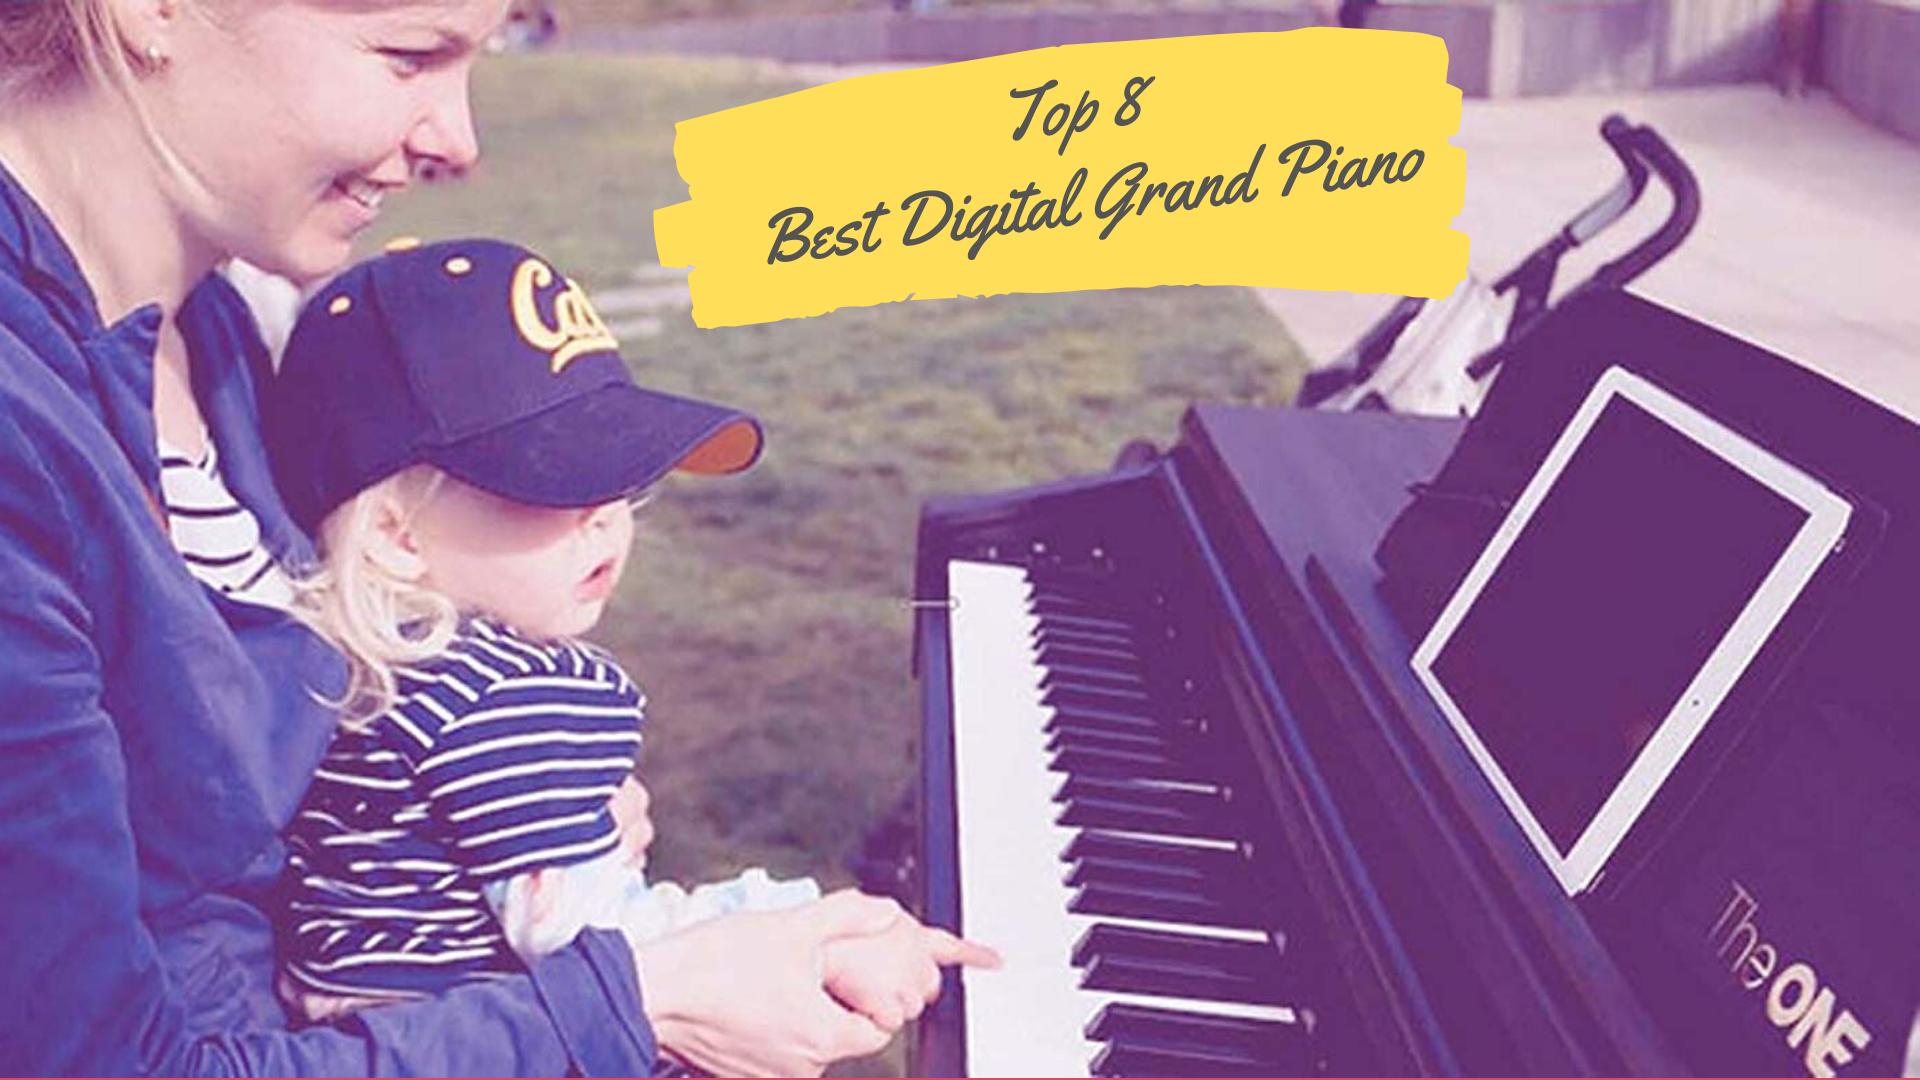 Top 8 Best Digital Grand Piano In 2021 Reviews